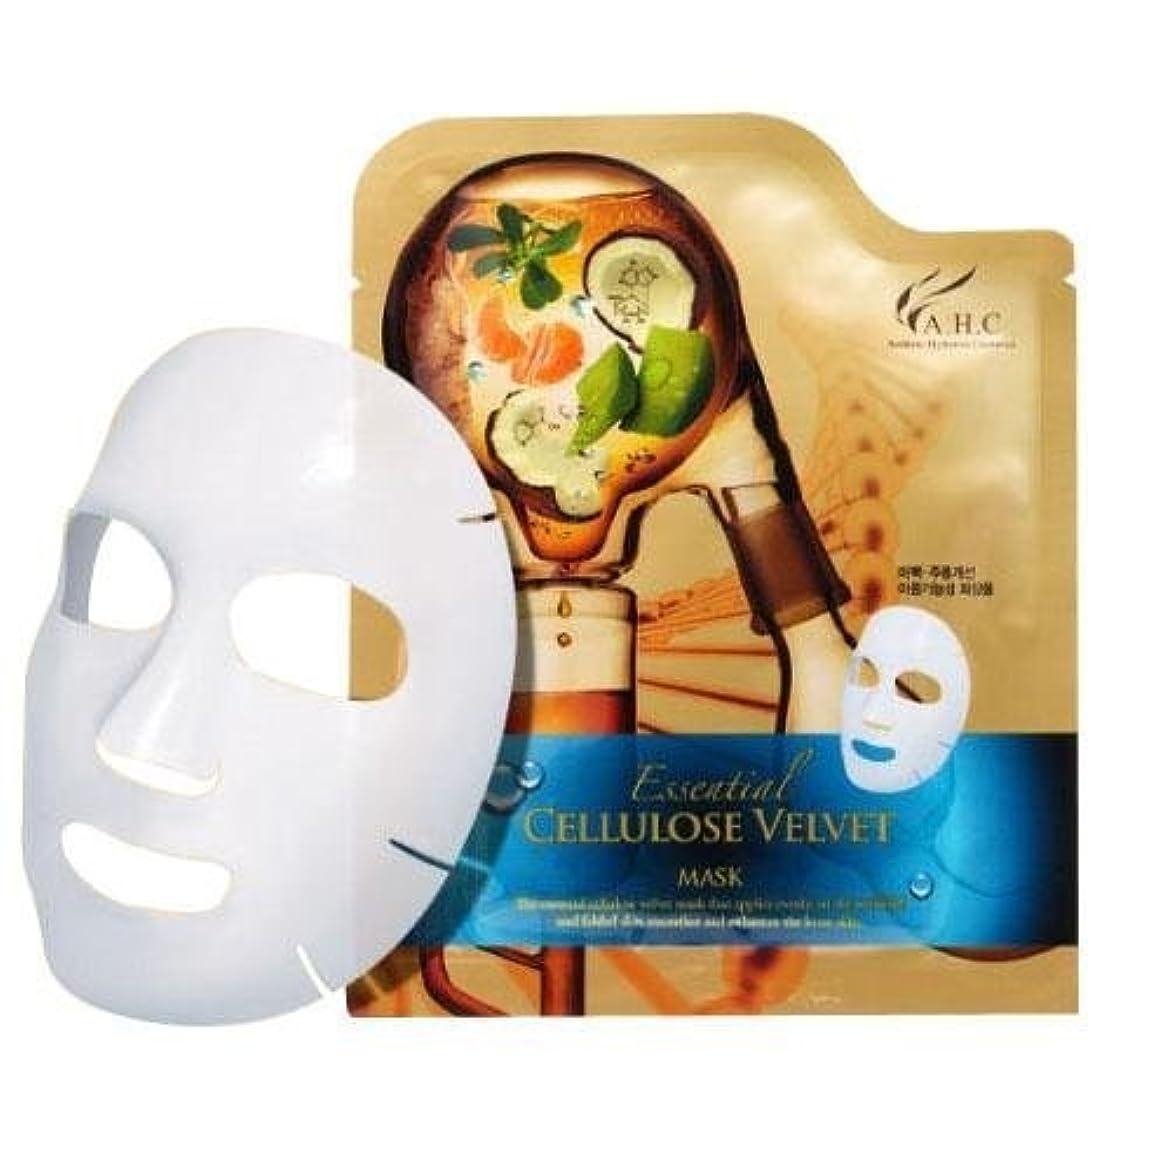 氷異邦人キャリアA.H.C Essencial Cellulose Velvet Mask (30g*1EA)/ Made in Korea